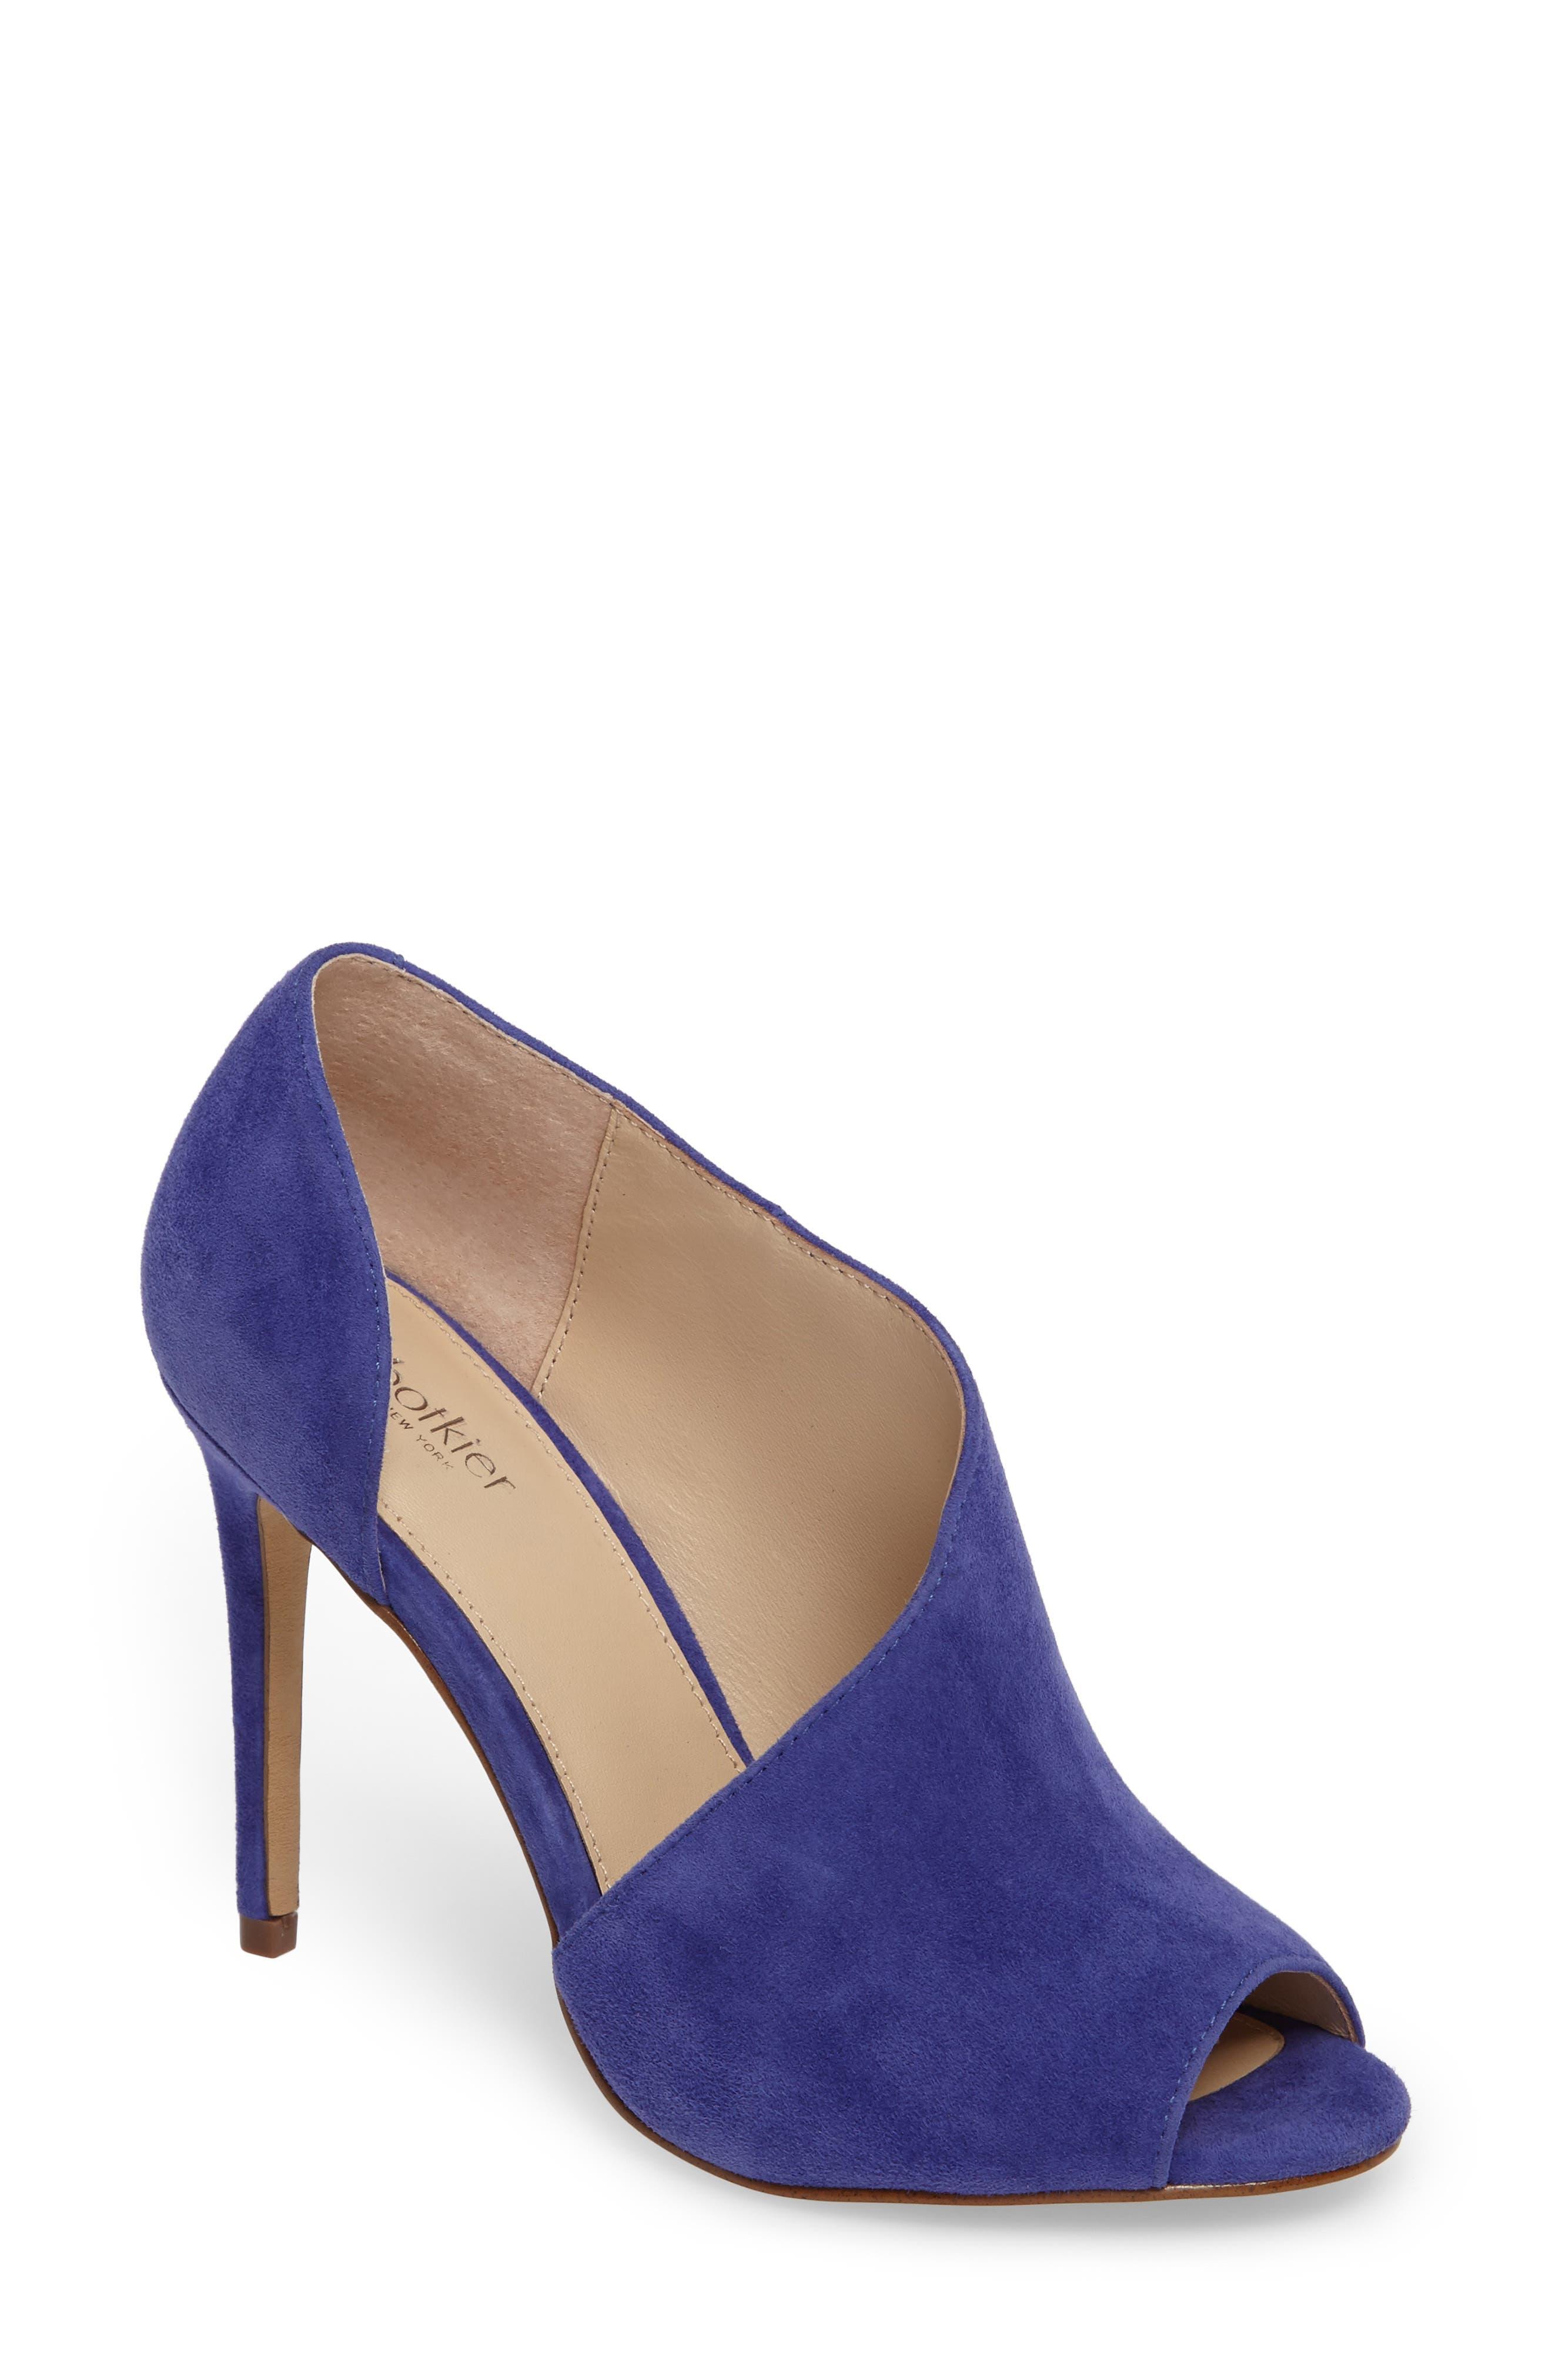 Adelia Asymmetrical Sandal,                             Main thumbnail 1, color,                             Blue